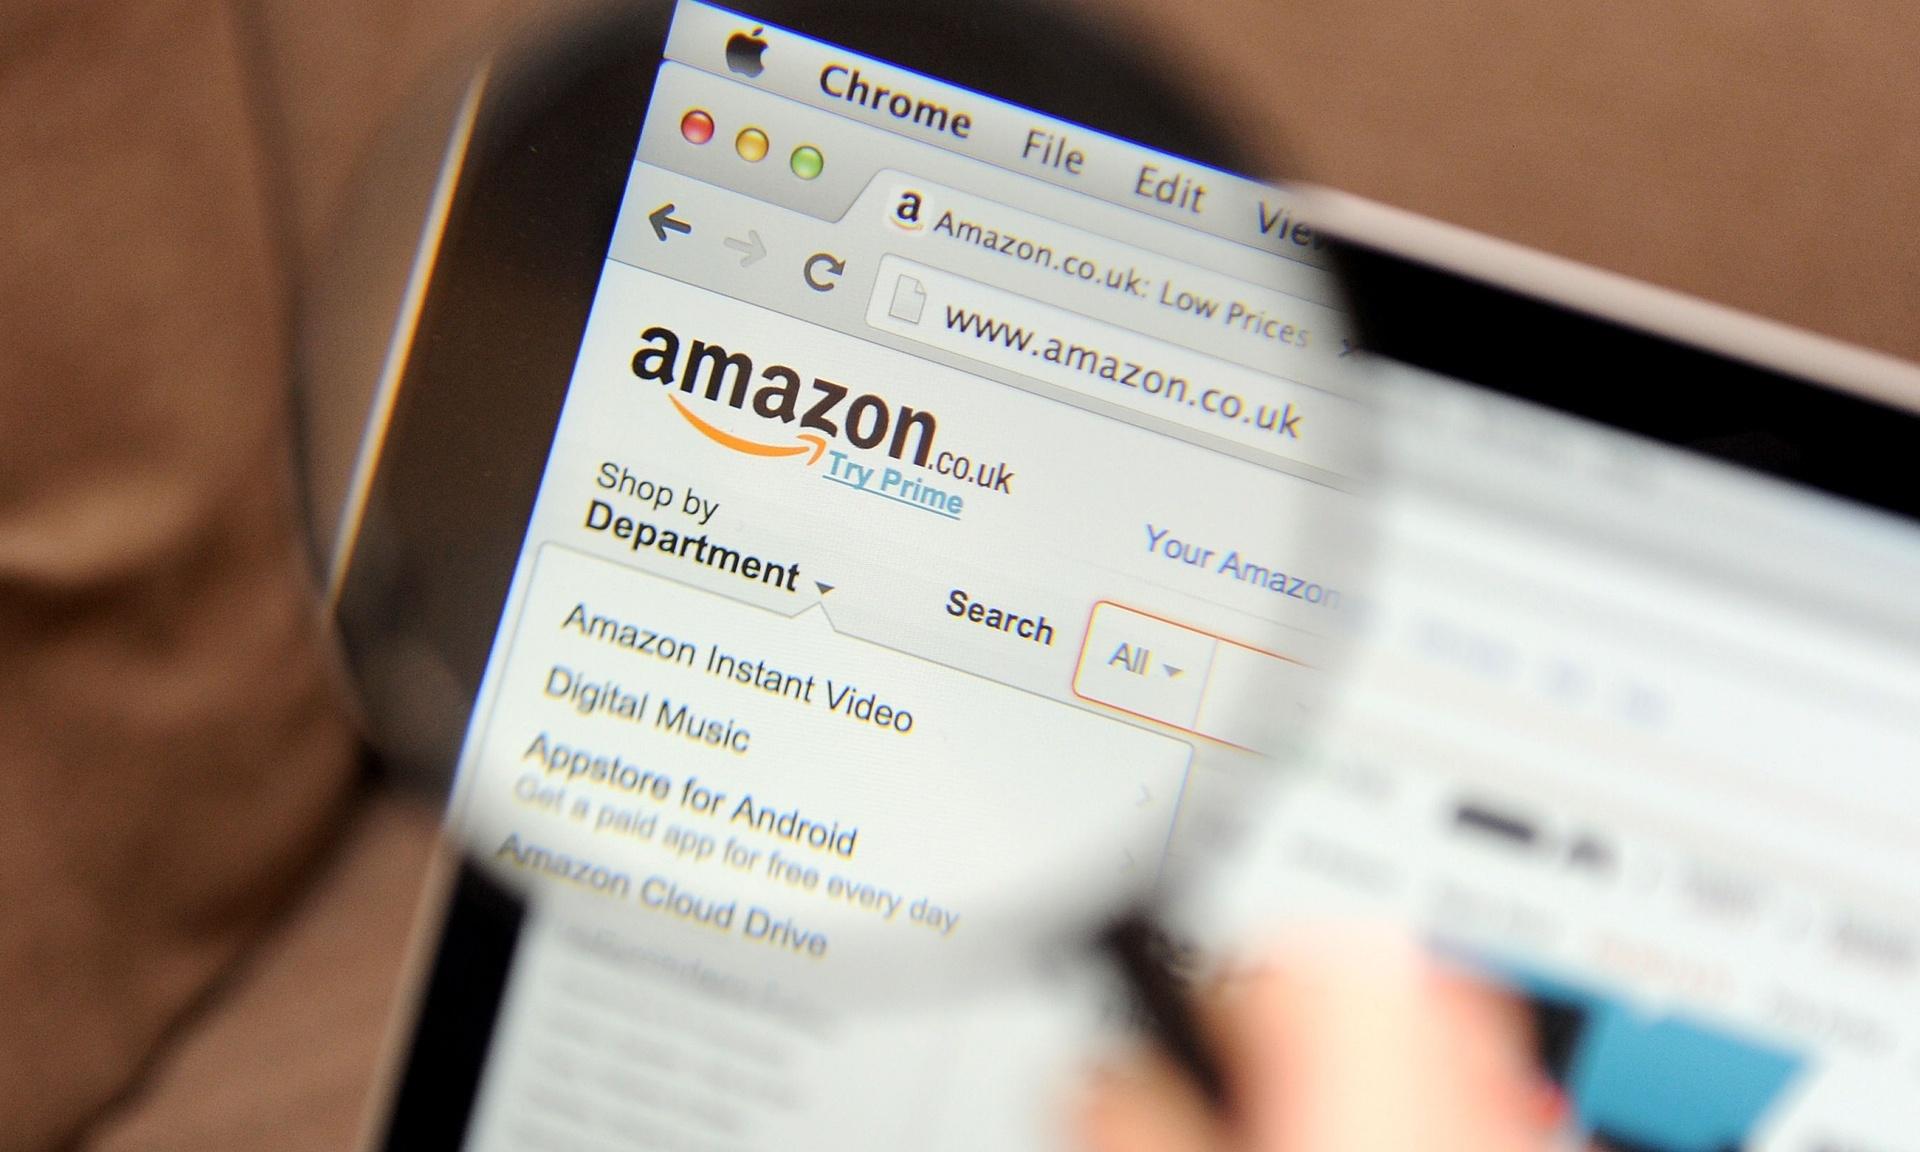 Amazon подал иск против авторов отзывов на своем сайте